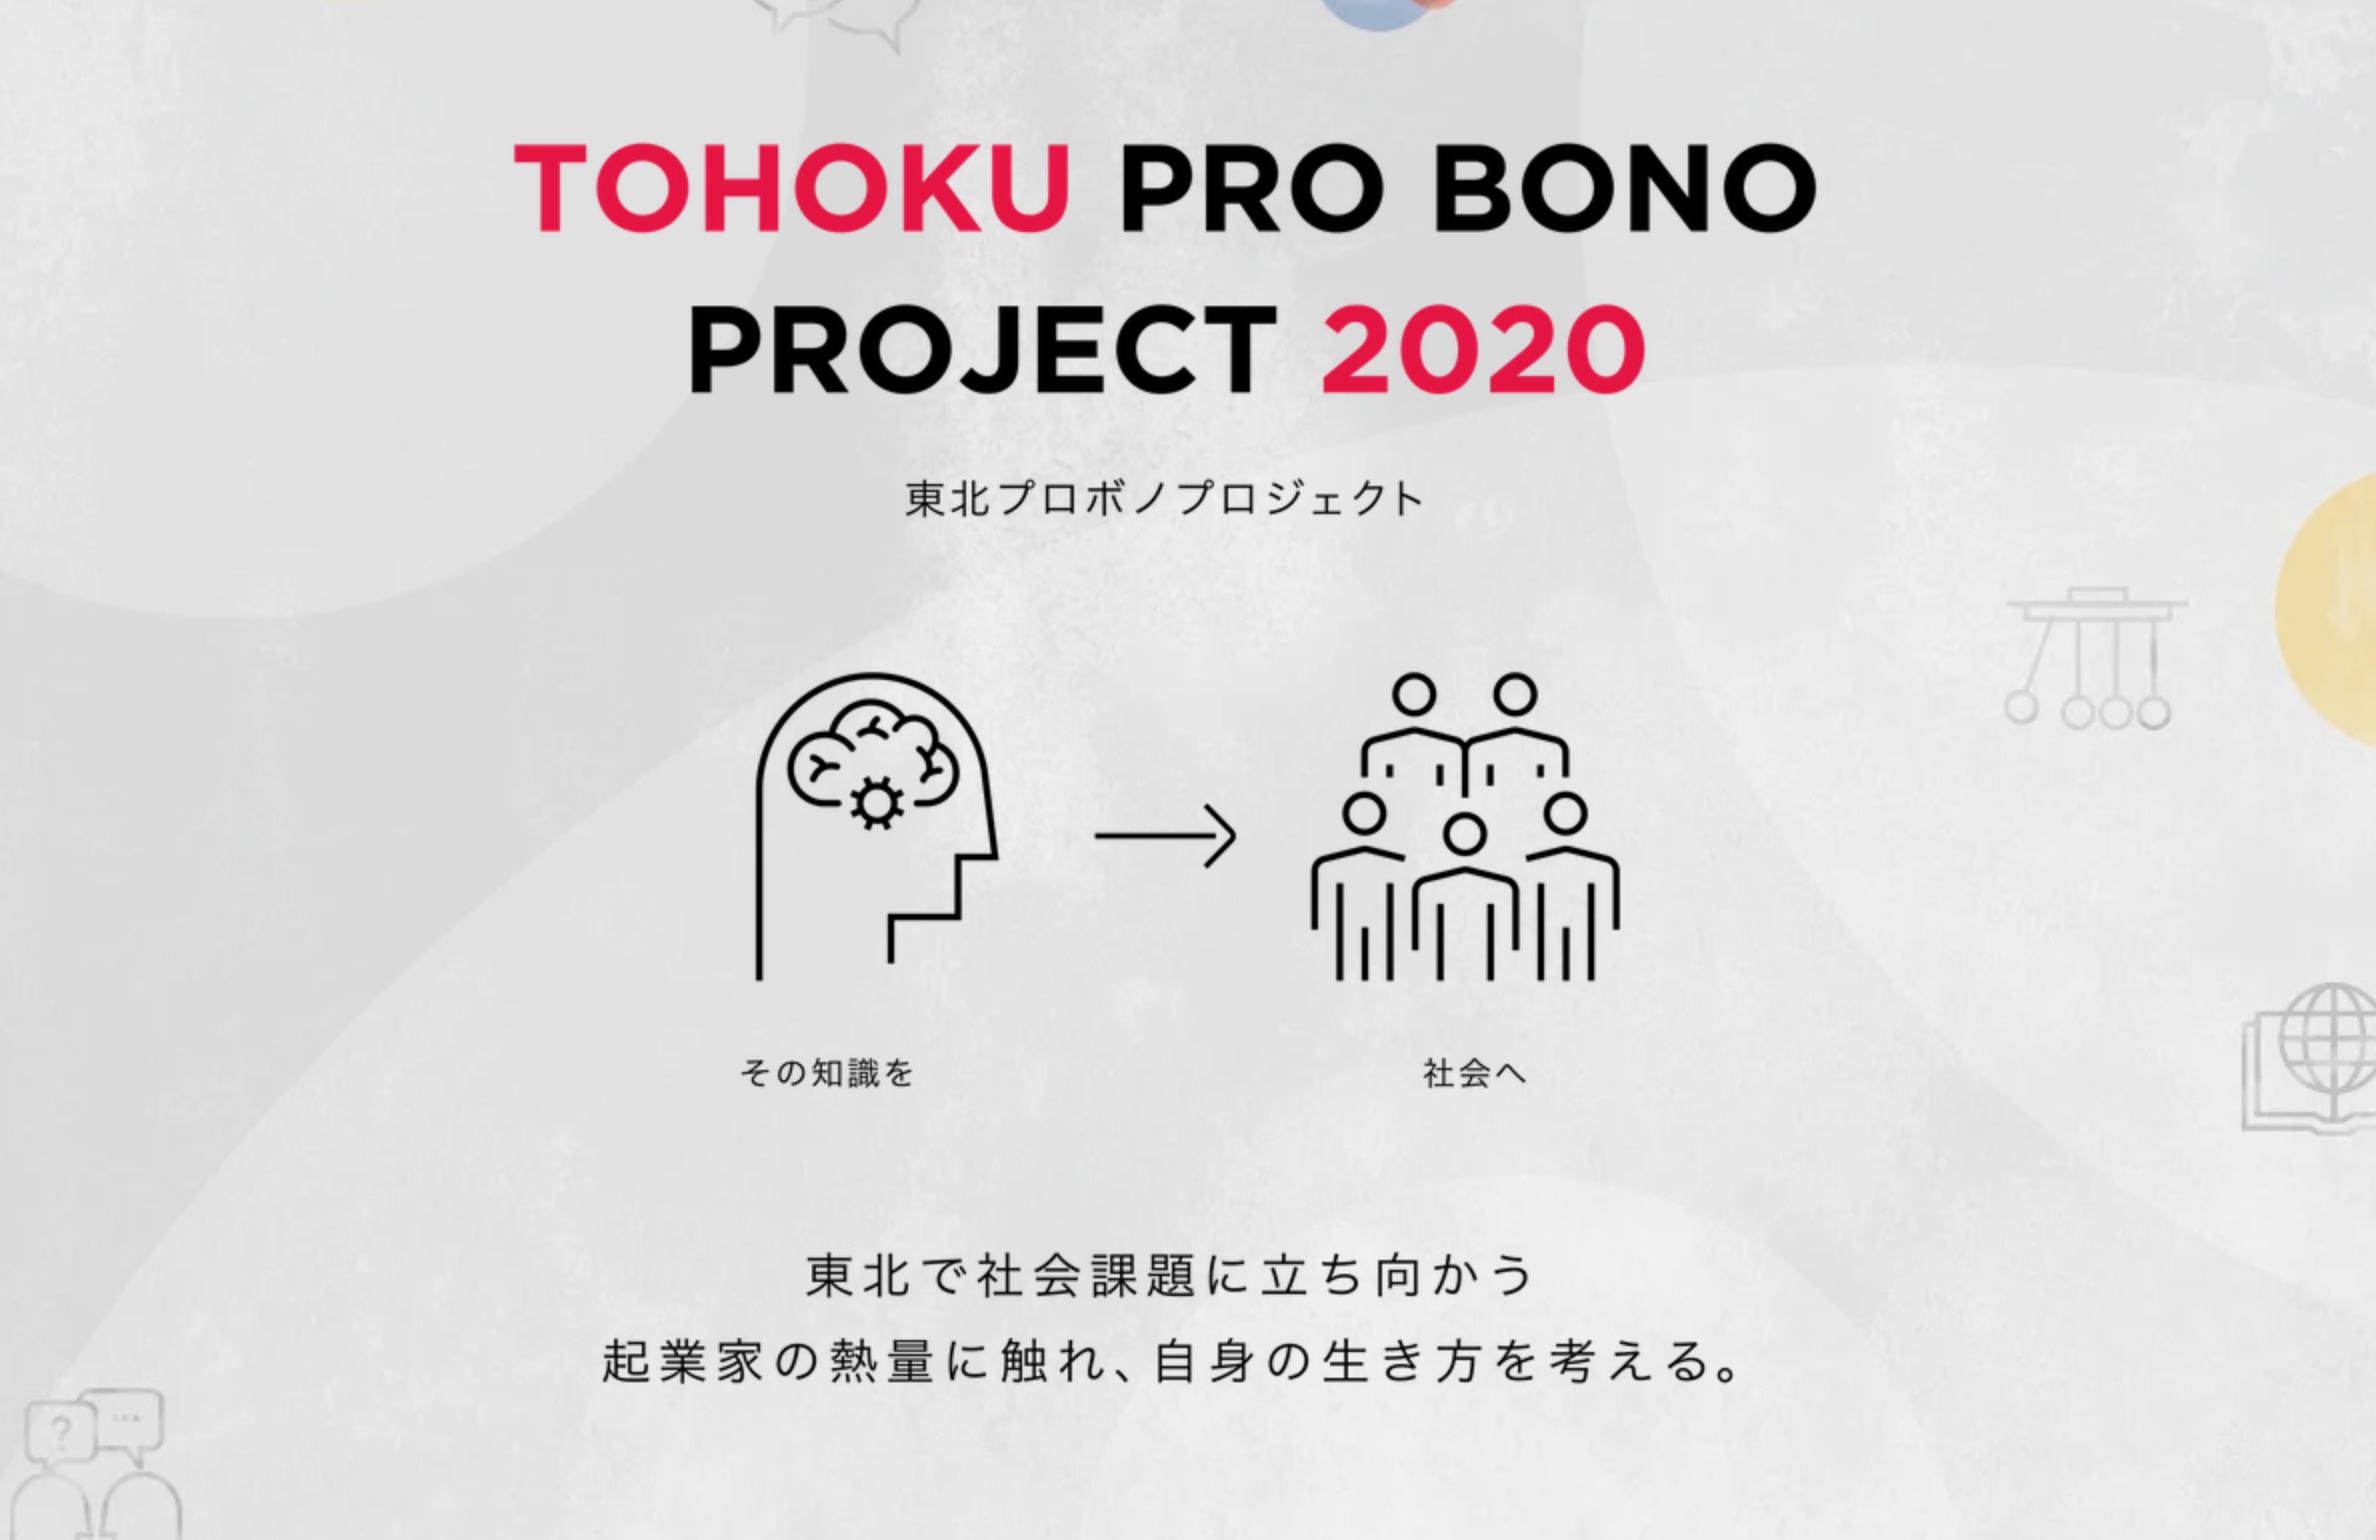 東北プロボノプロジェクト